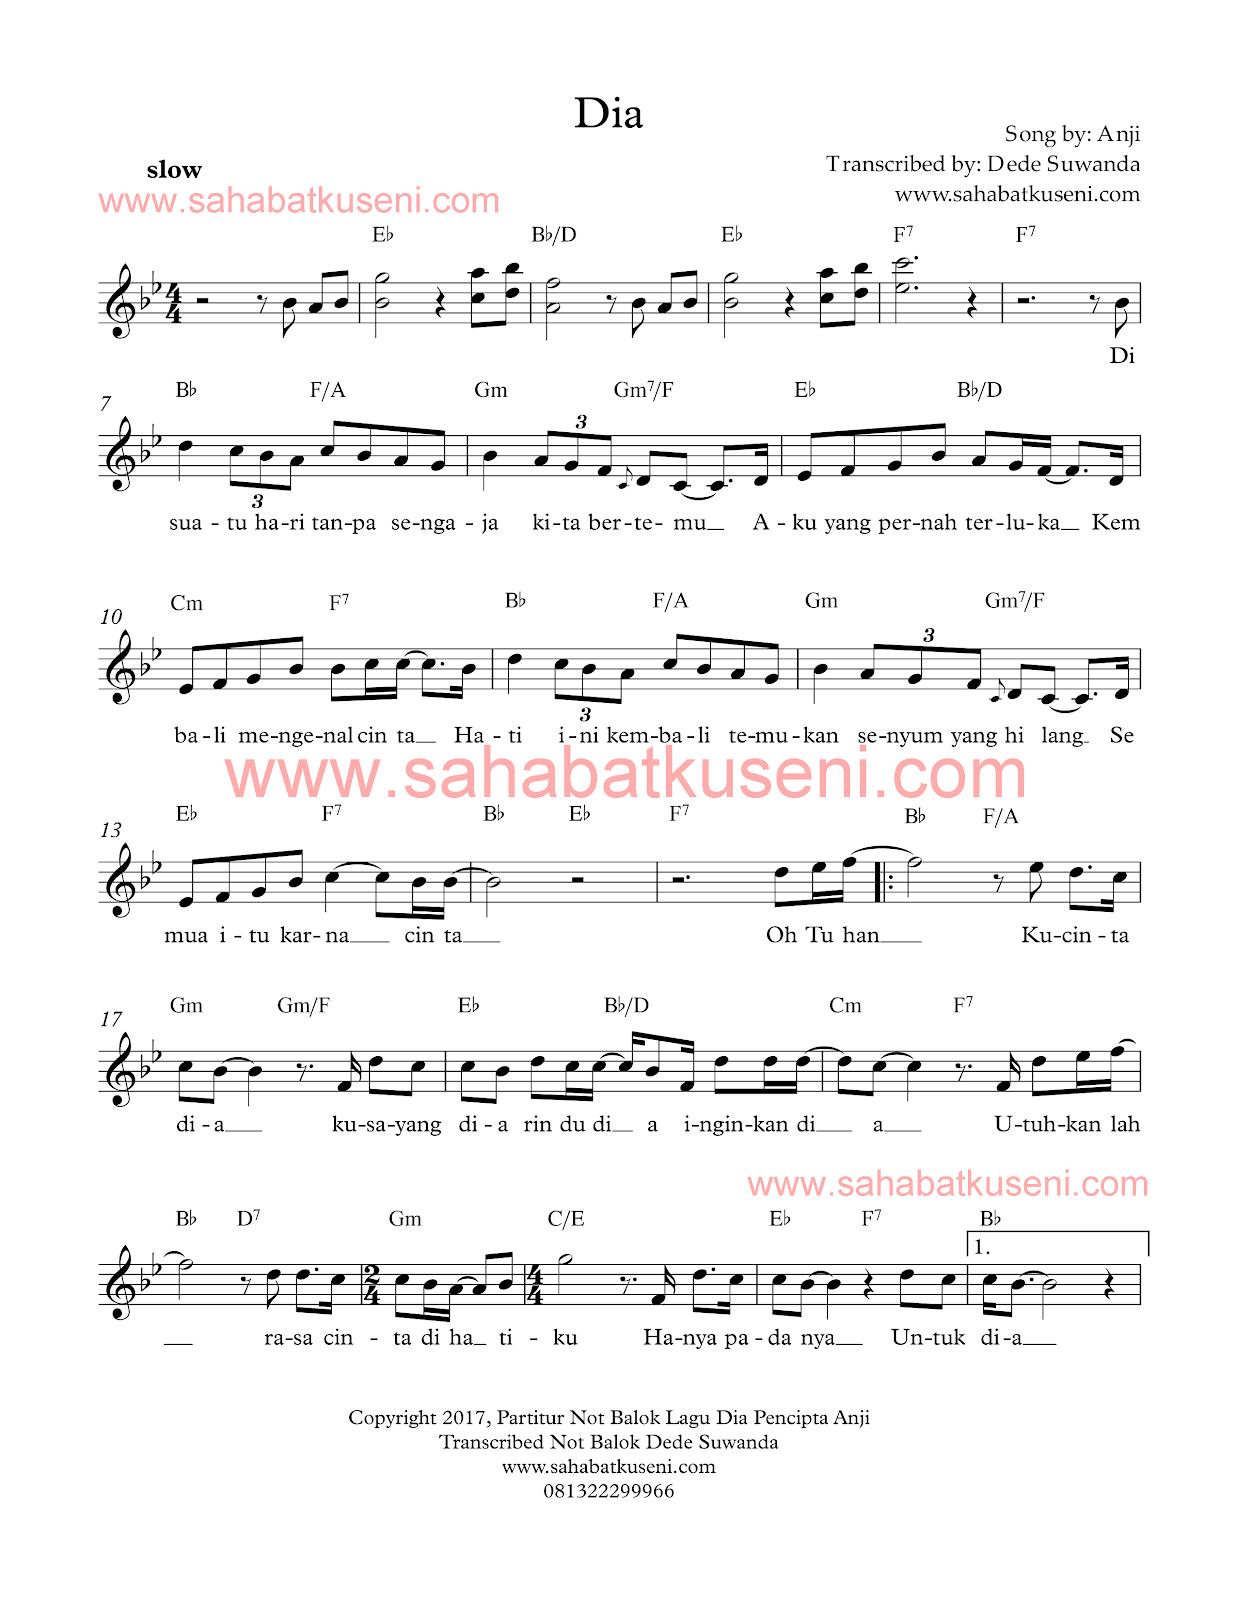 penulisan partitur not balok lagu dia karya dari Anji lengkap kunci Bb